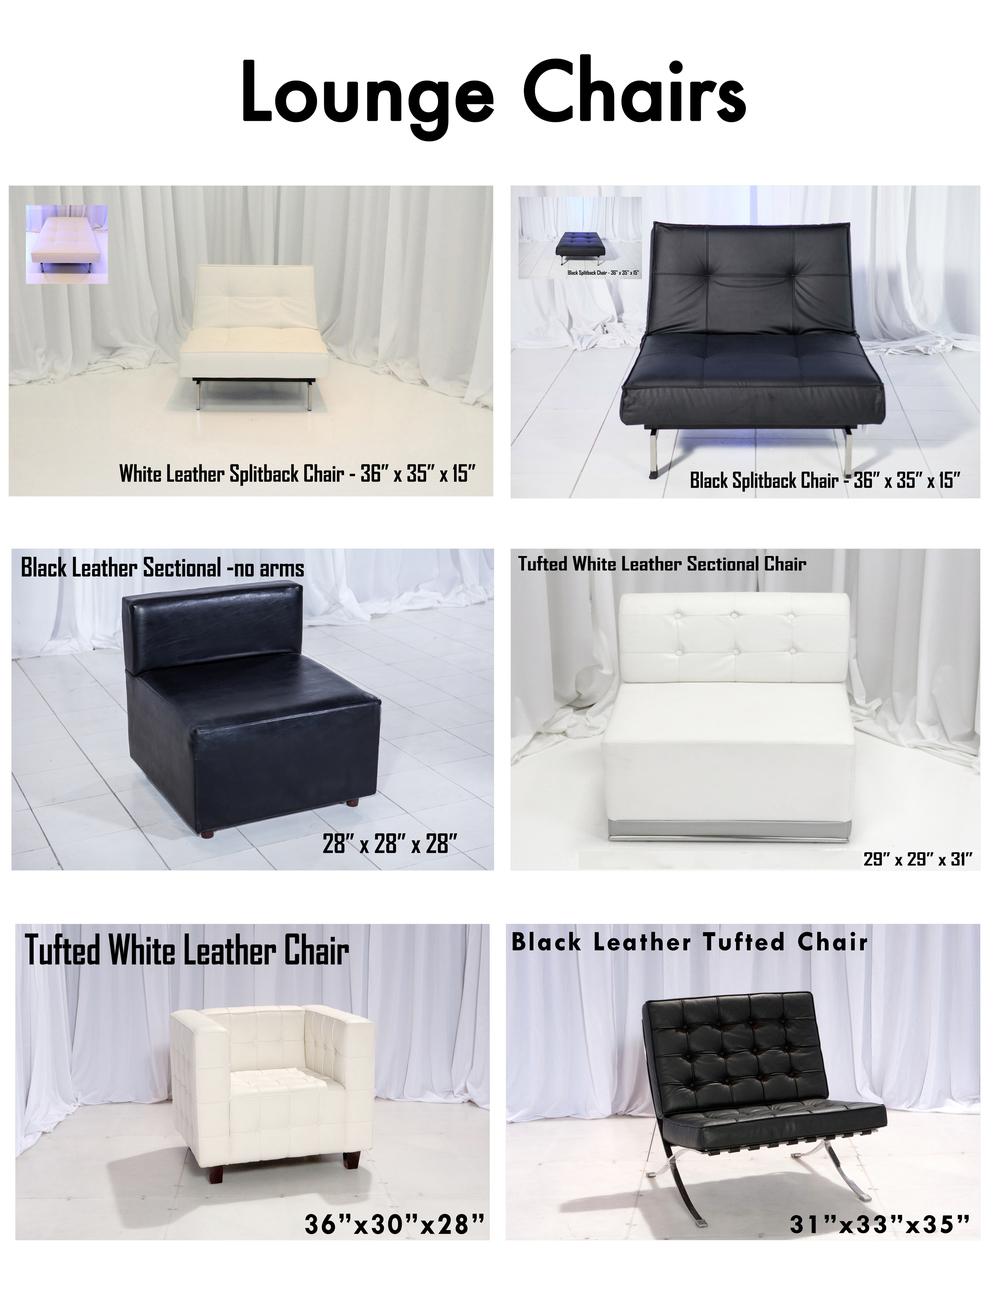 P49_Lounge Chairs.jpg